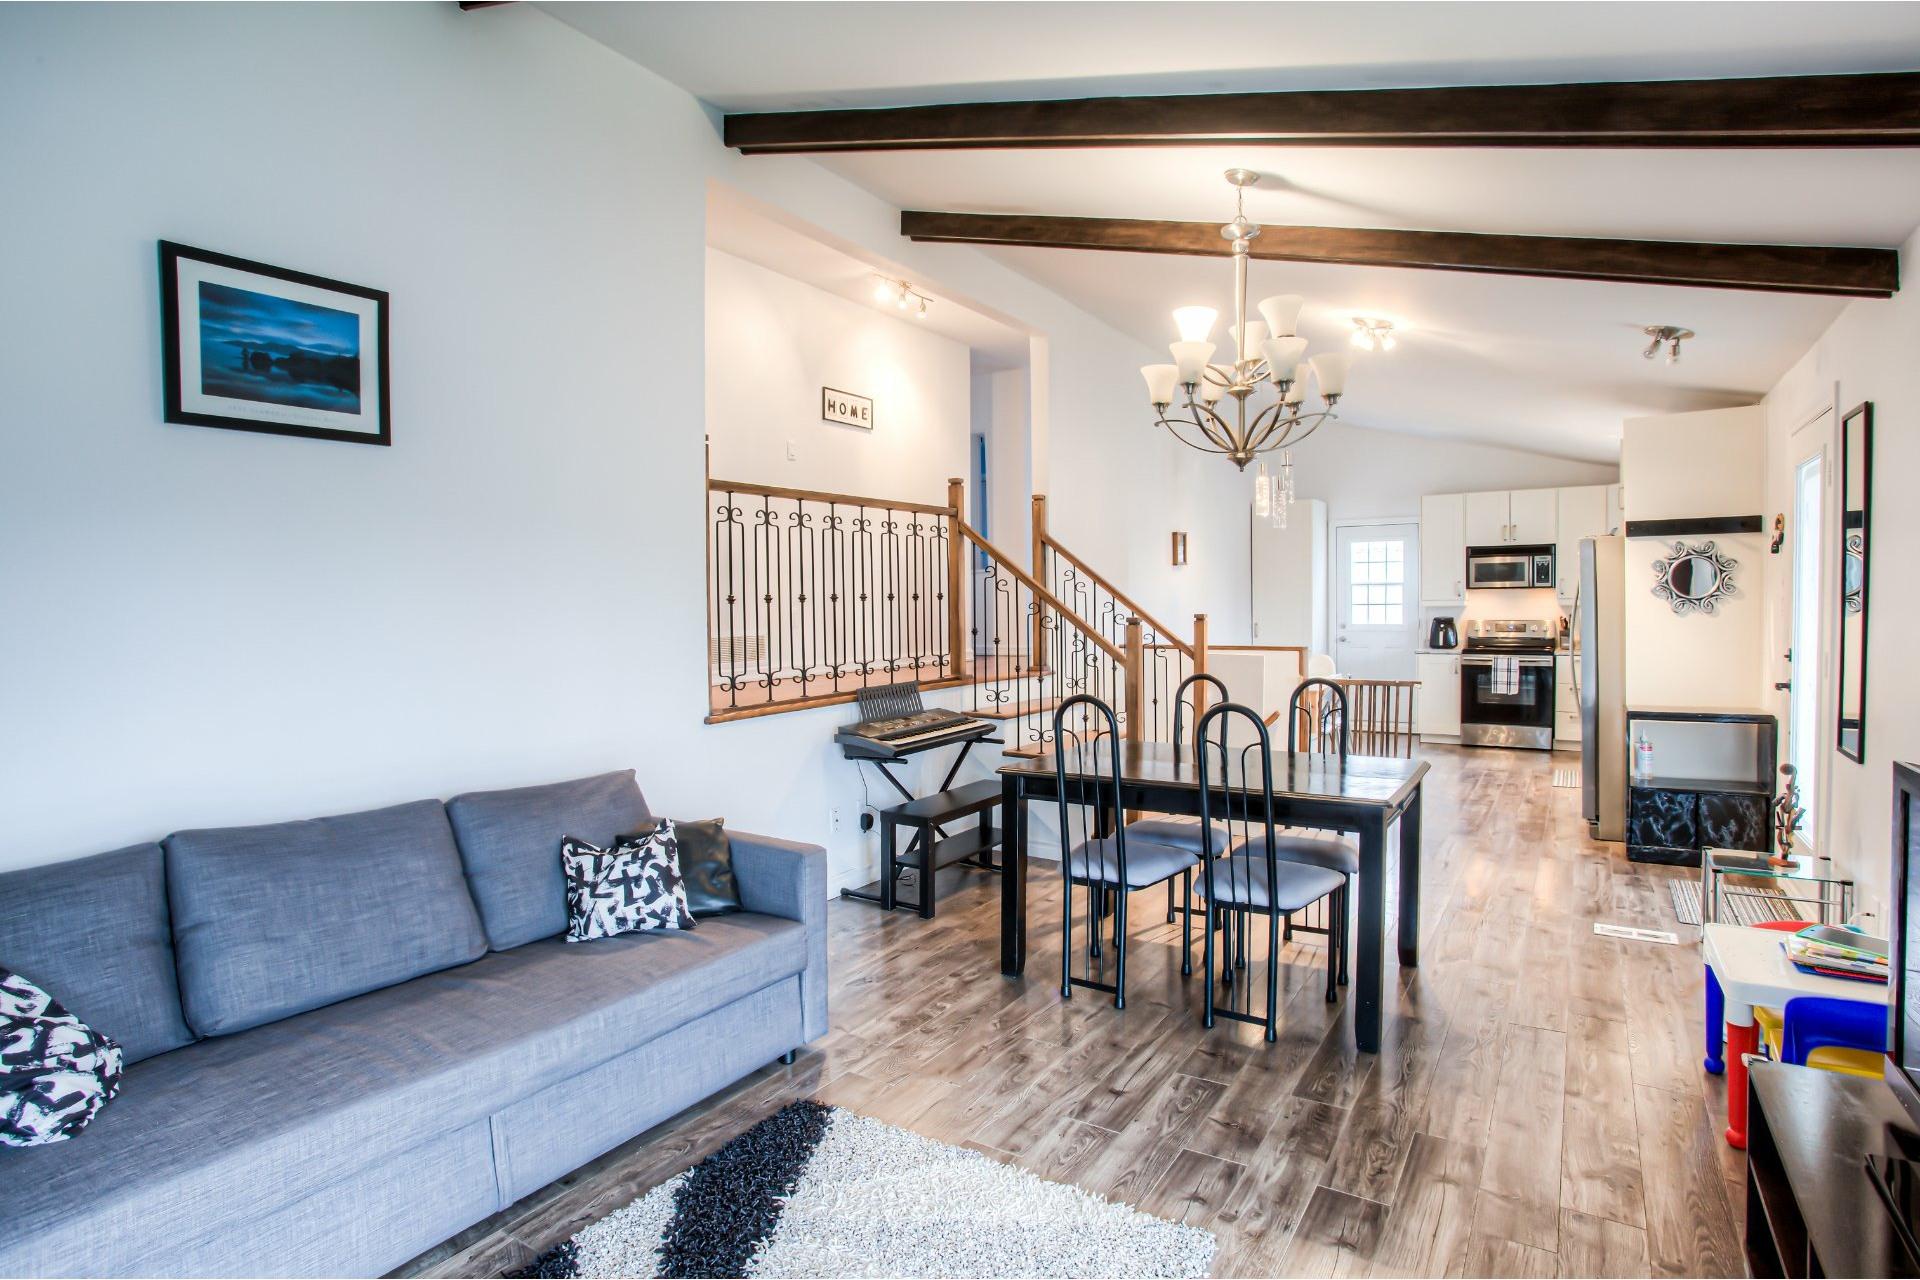 image 5 - MX - Casa sola - MX En venta Châteauguay - 9 habitaciones